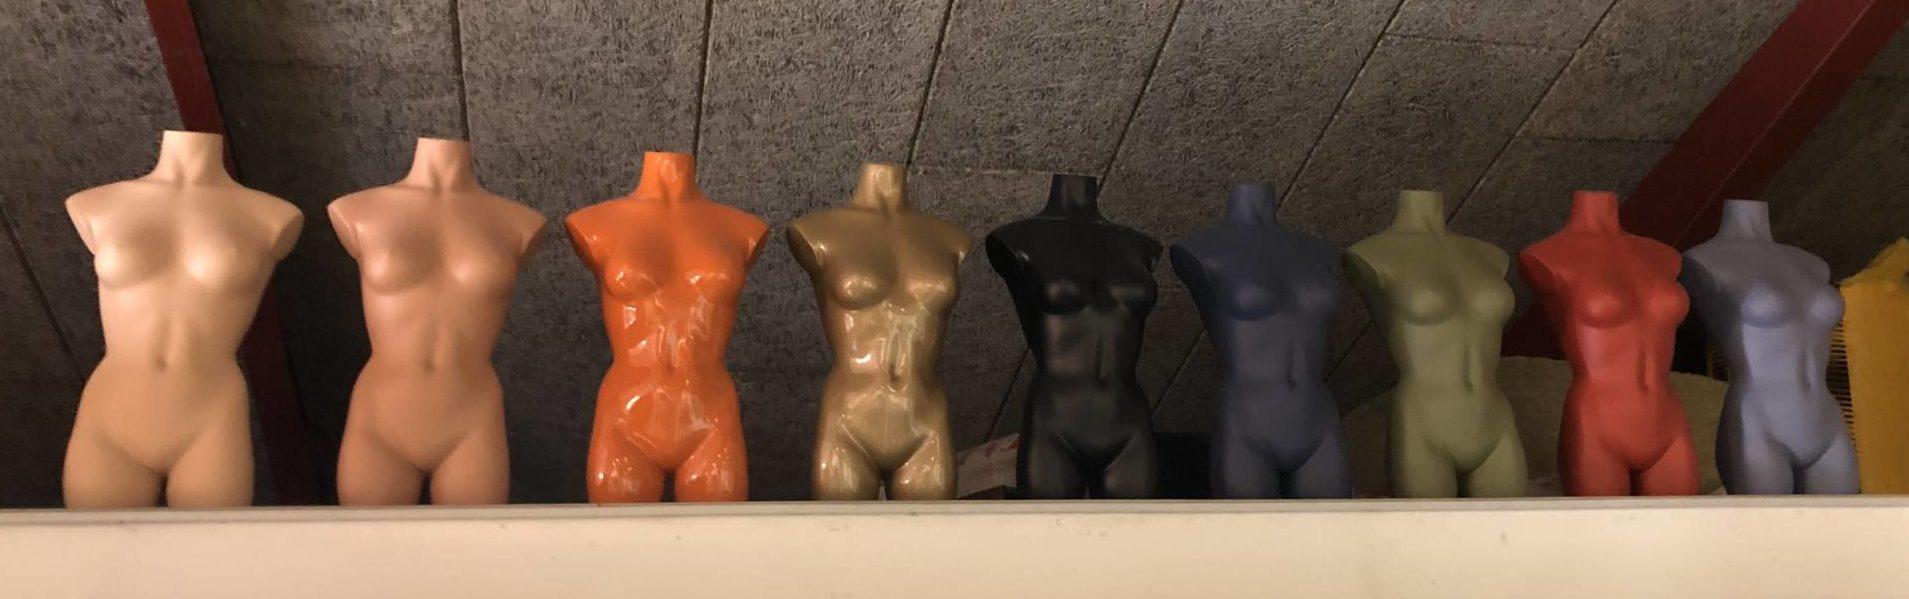 Mannequin farver - lille udsnit af farver